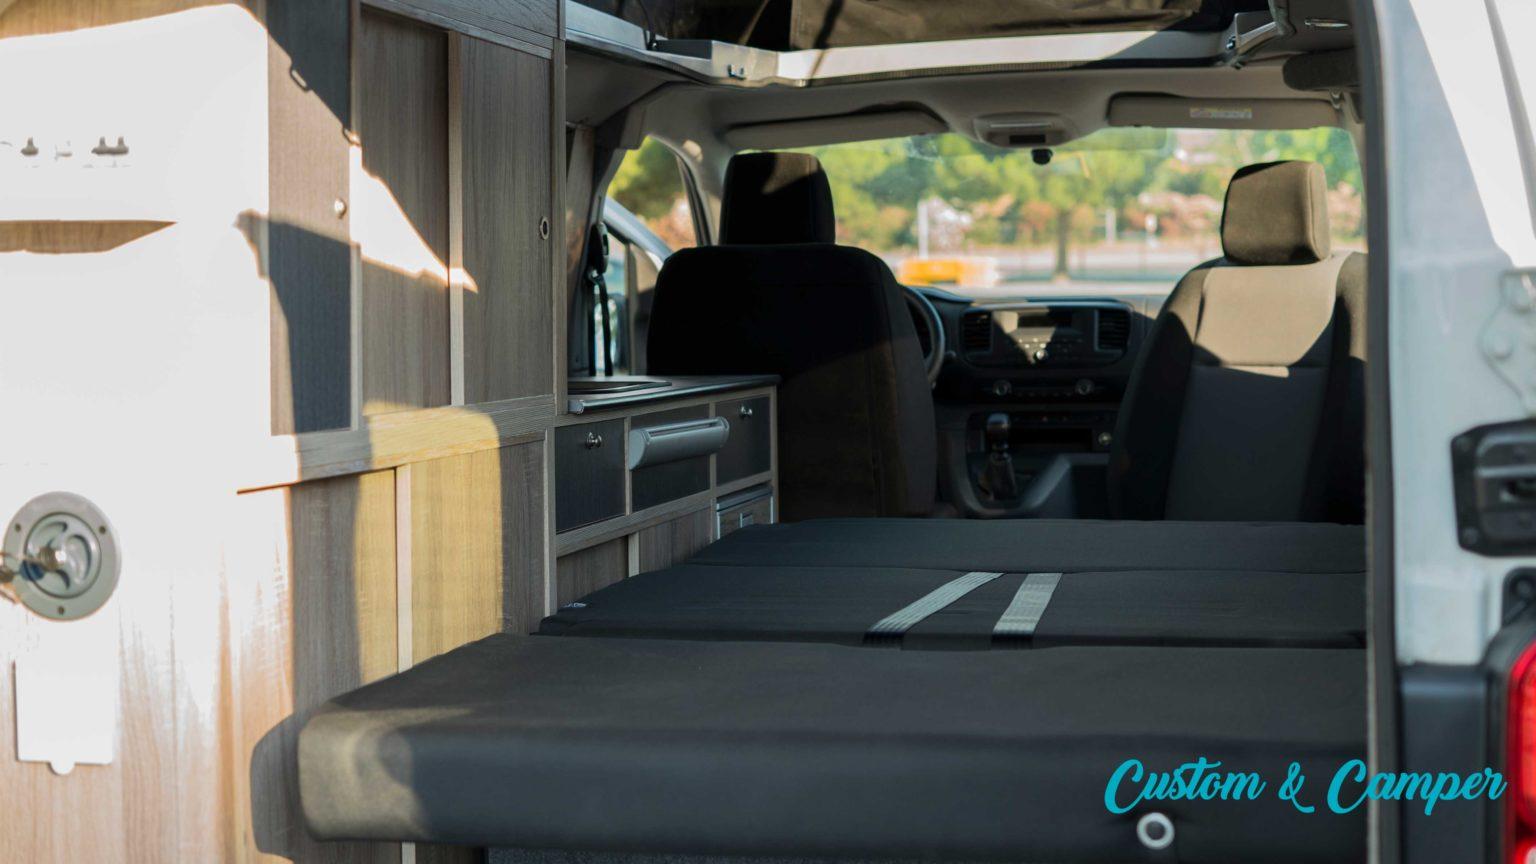 Citroen Jumpy camperización furgonetas Madrid